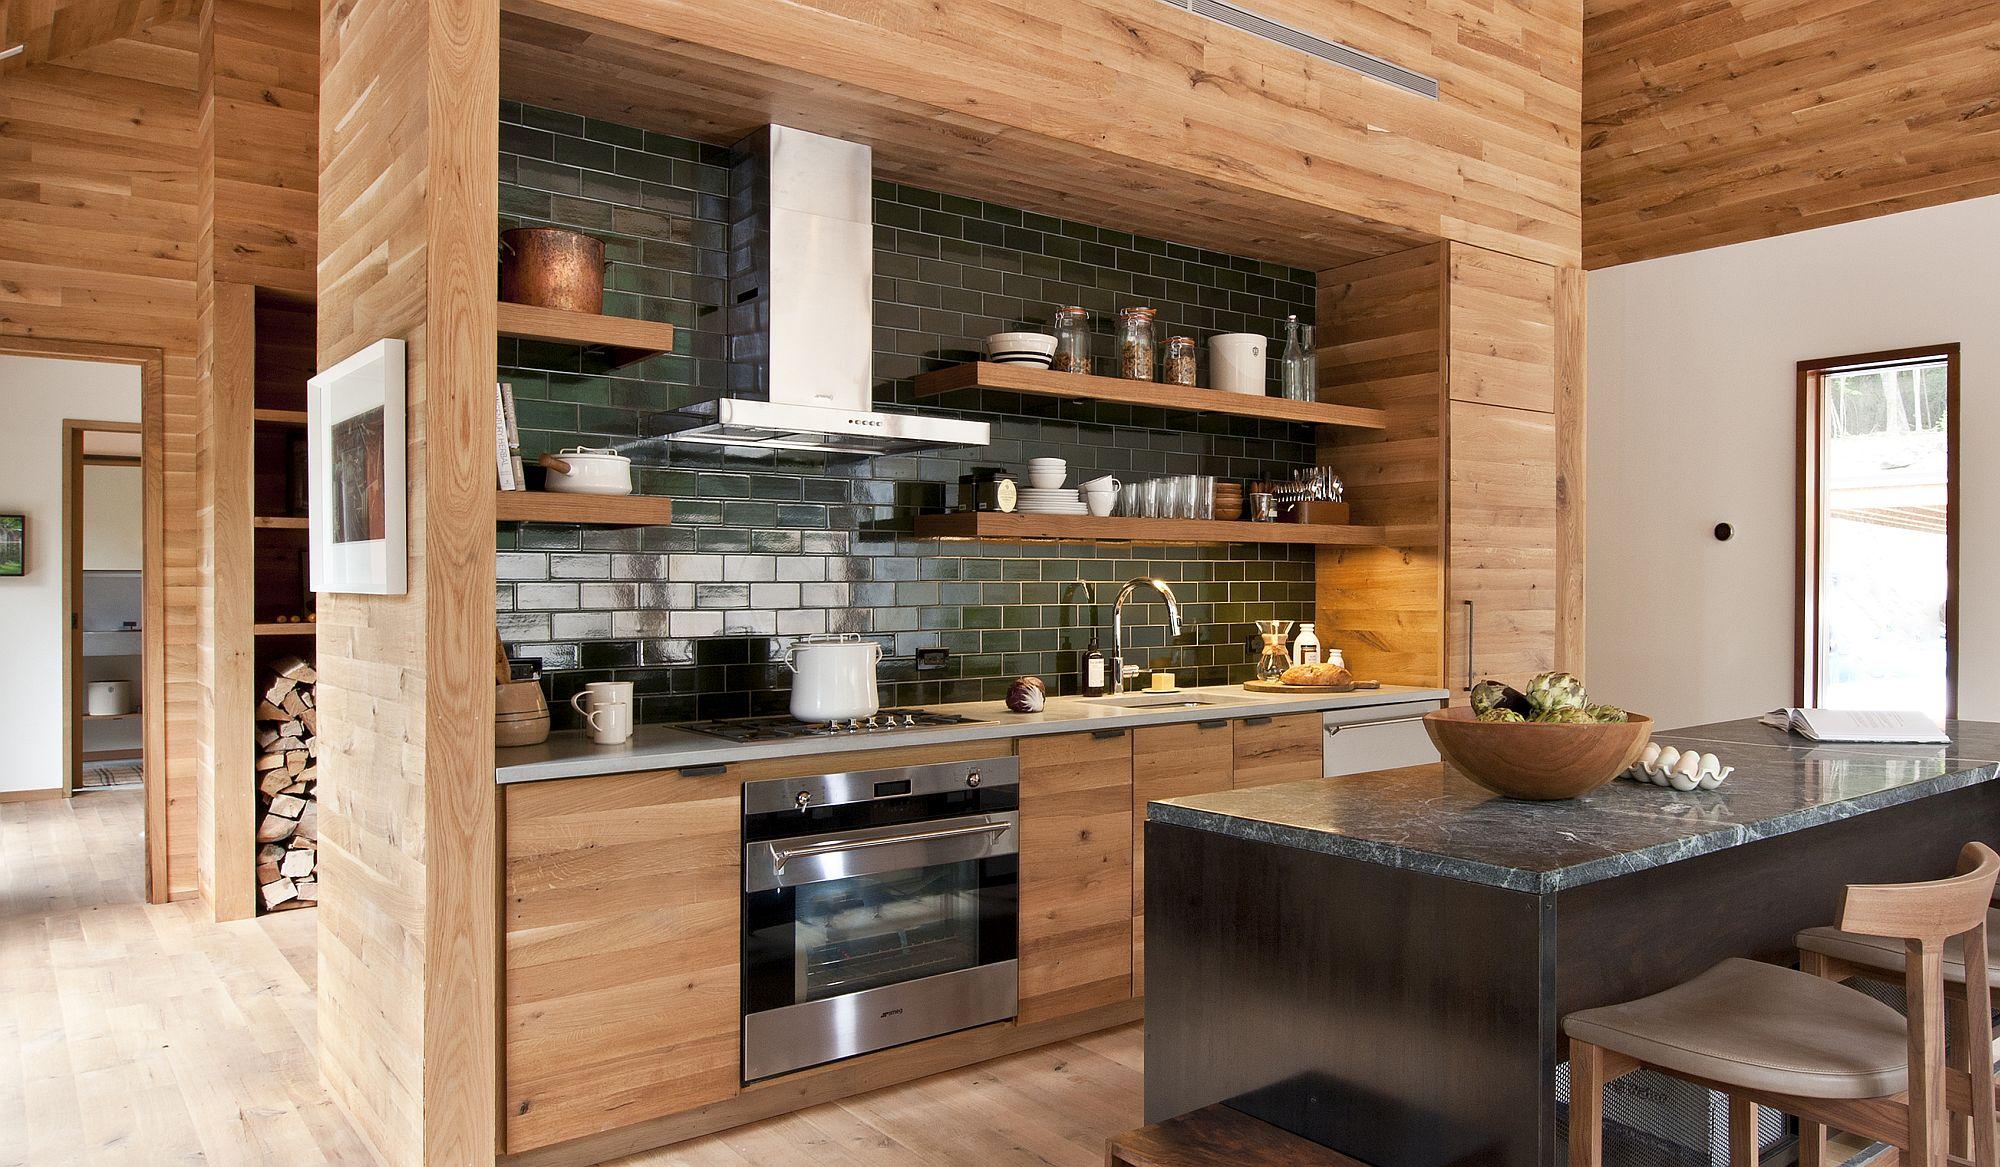 Glittering black tiled backsplash complements the kitchen island elegantly